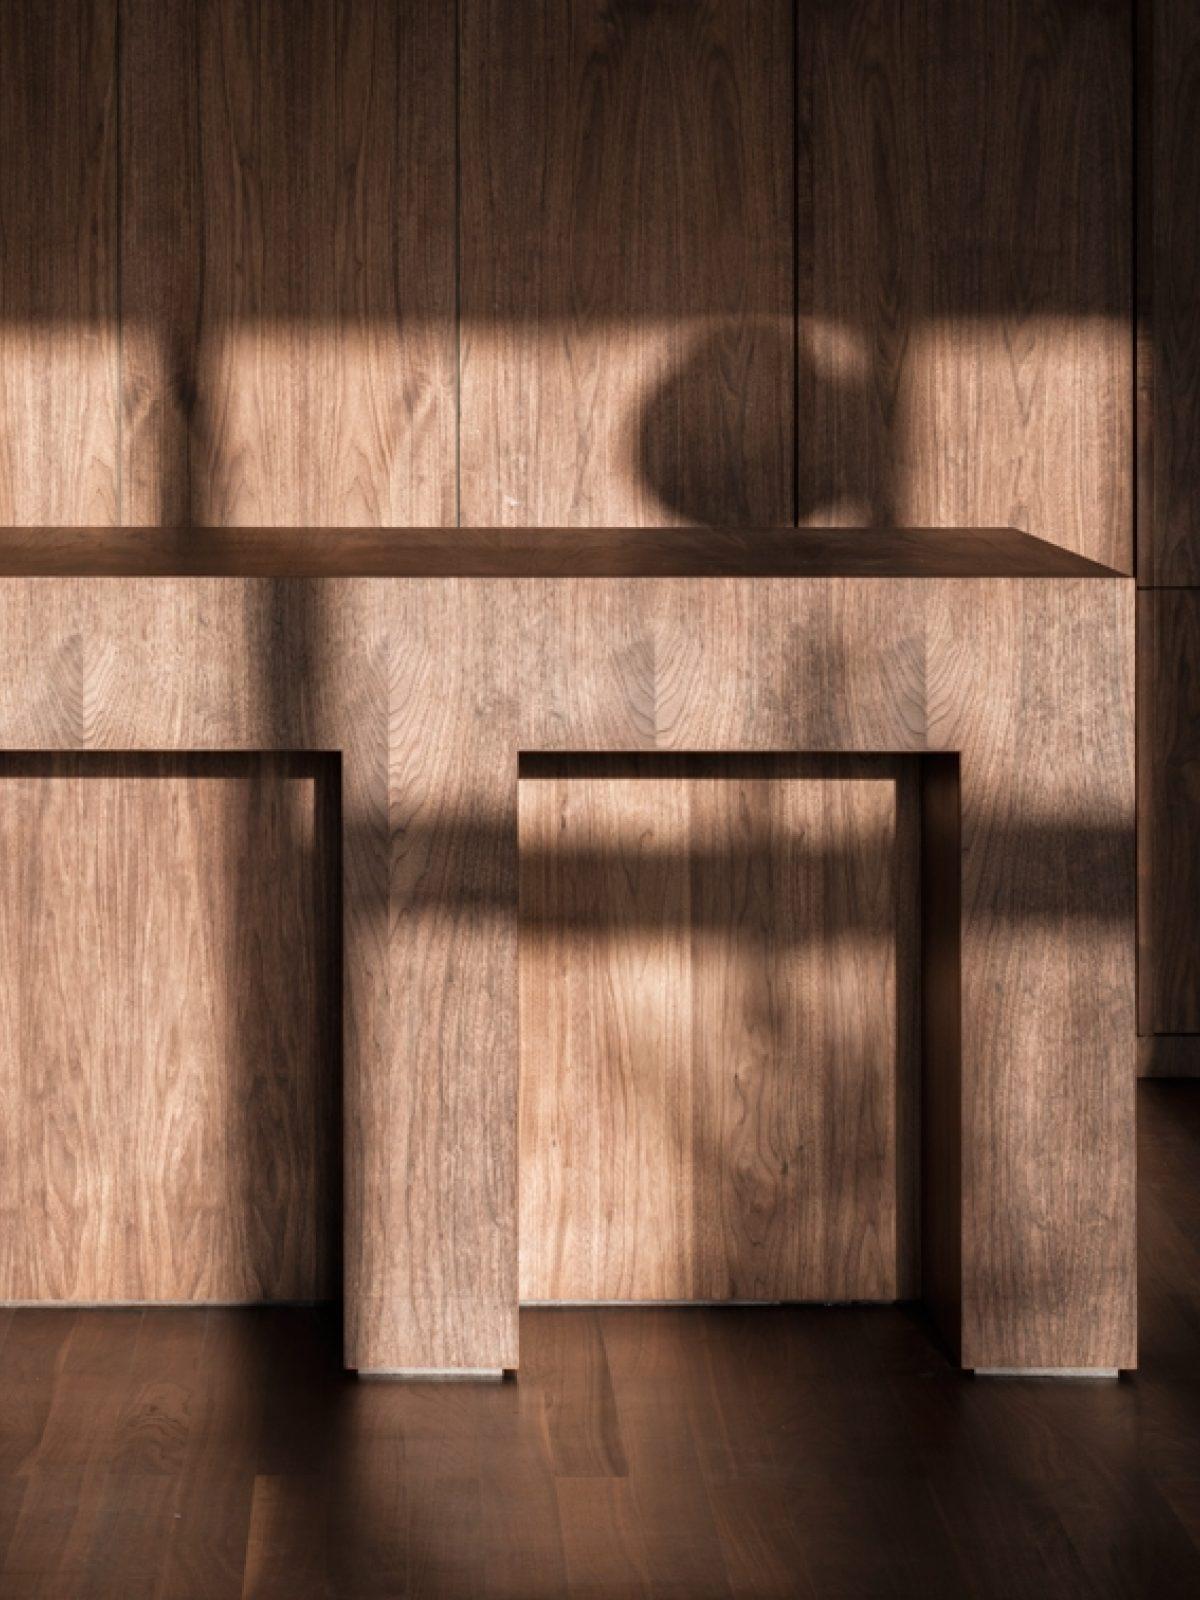 8 De Bank KAAN Architecten Simone Bossi